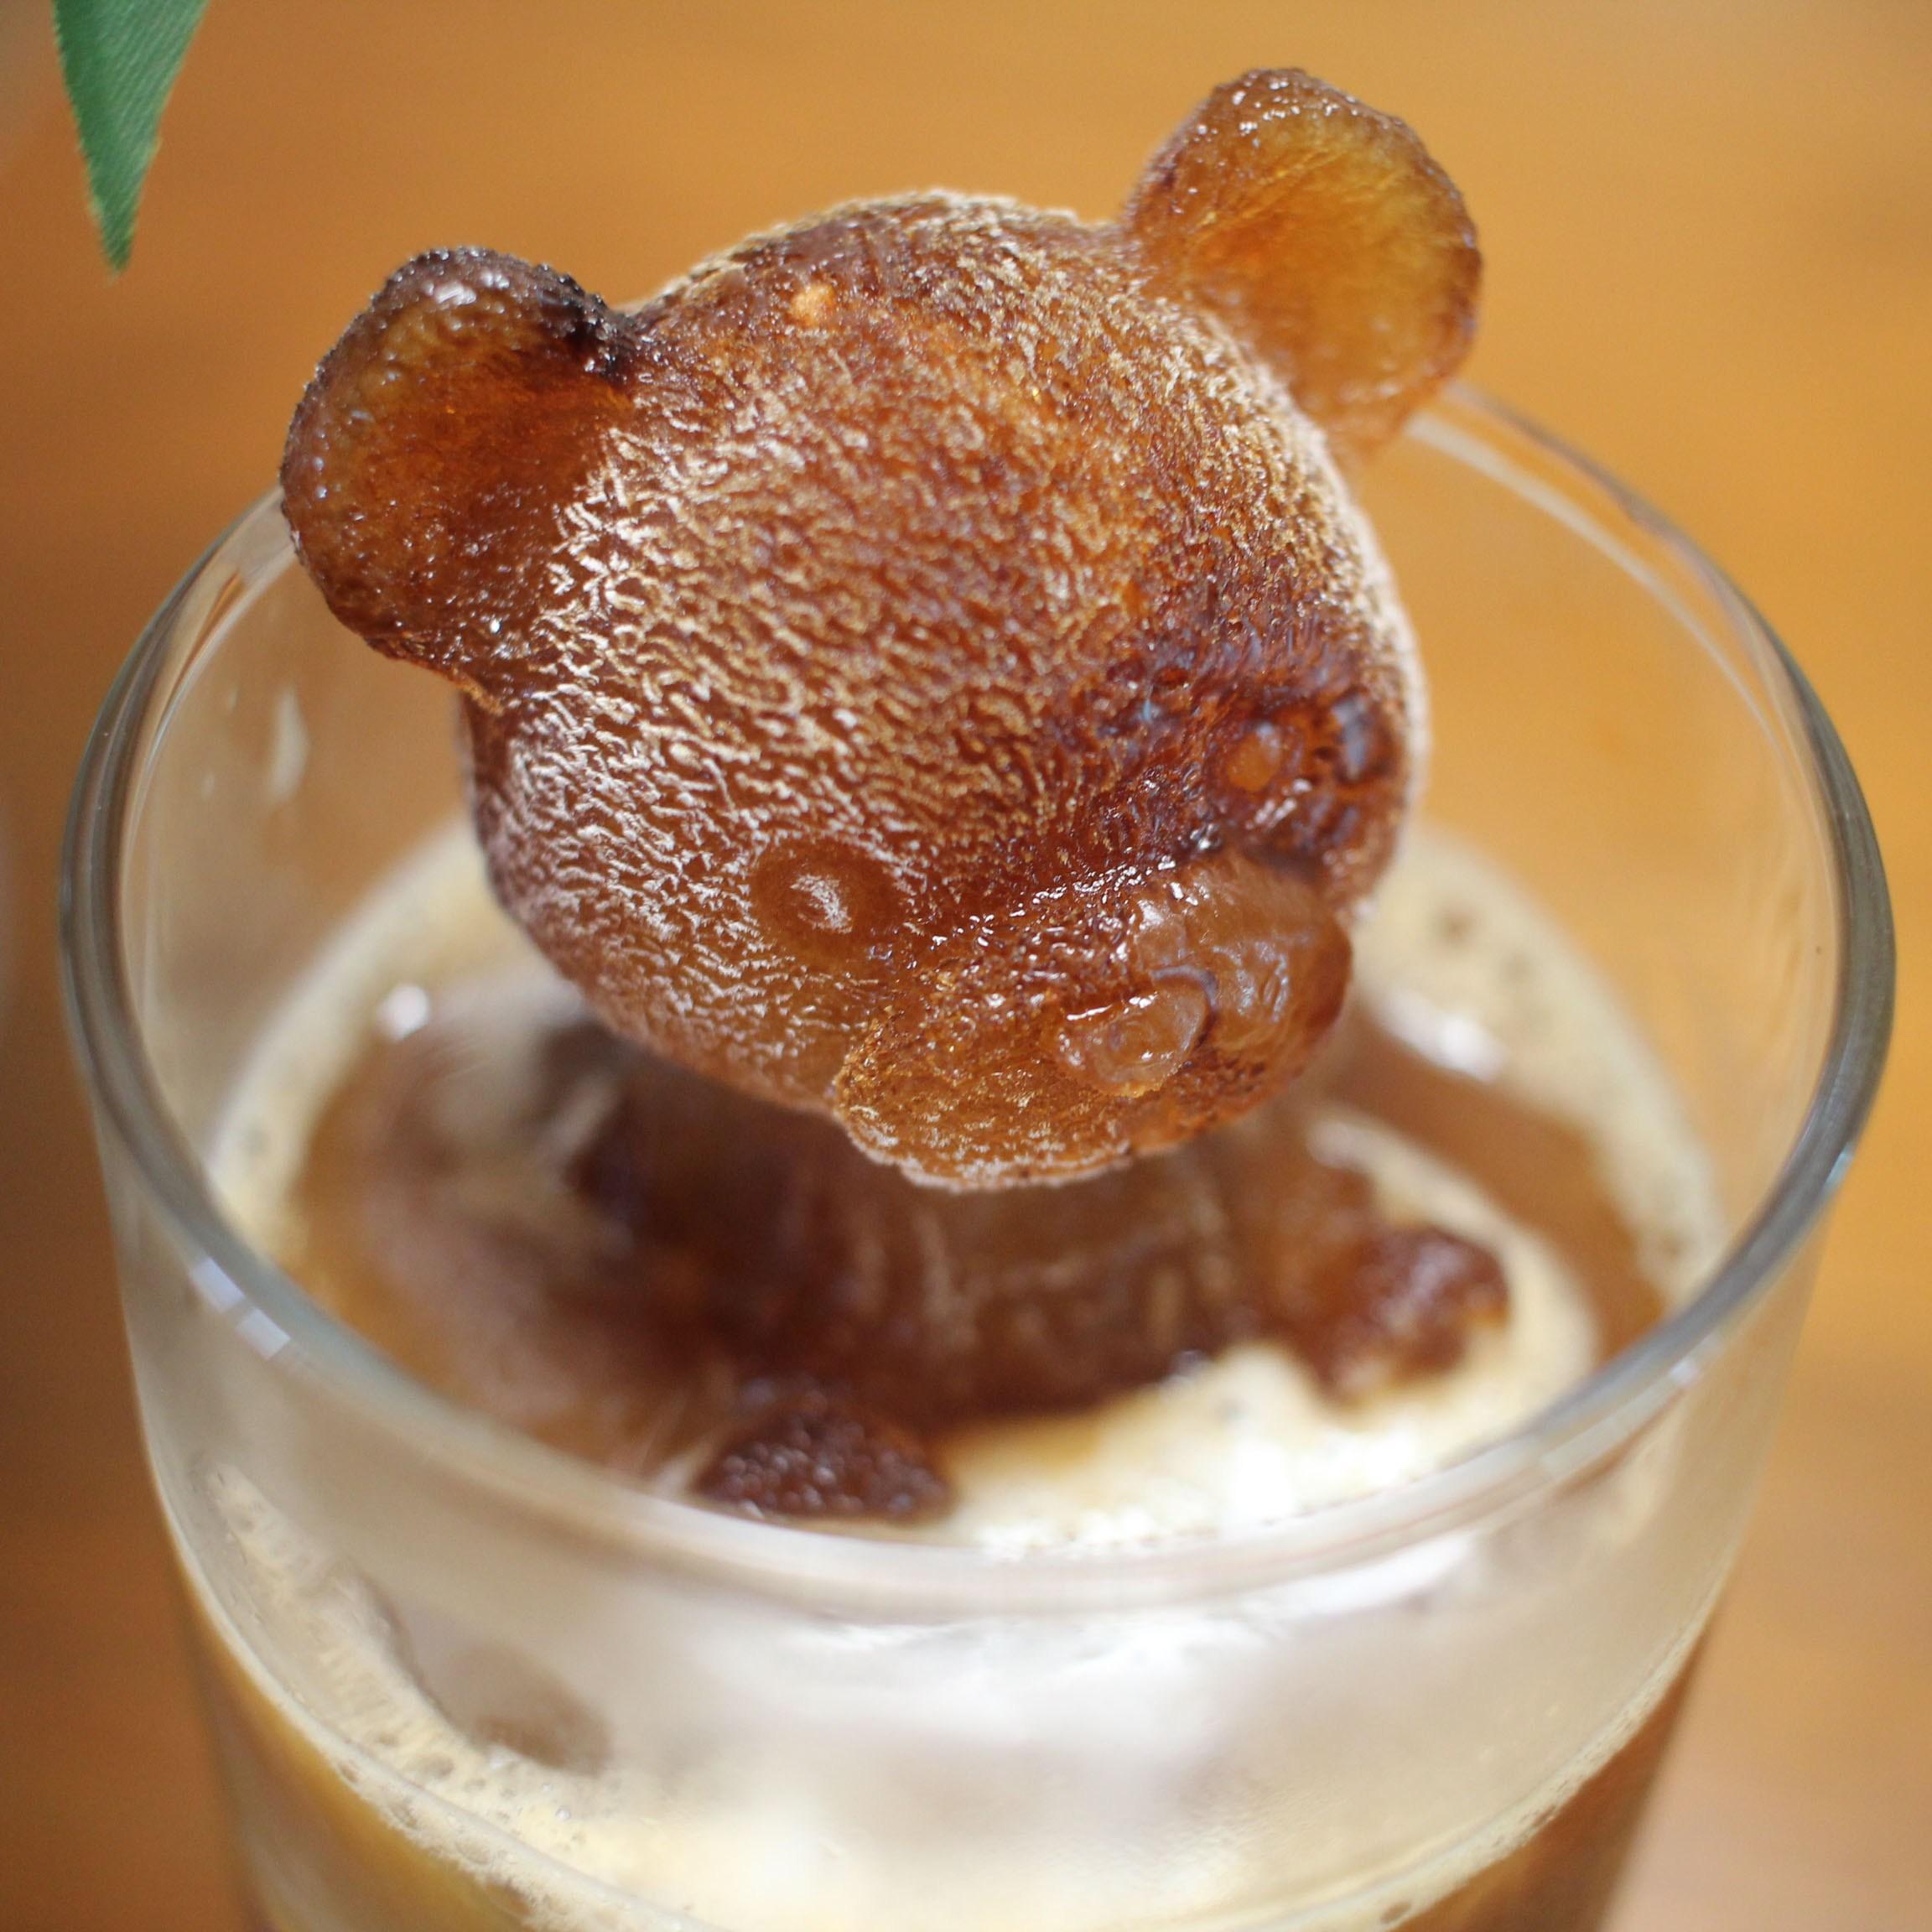 우리홈카페 곰돌이 캐릭터 동물 모양 얼음틀 실리콘 몰드 3개입, 화이트